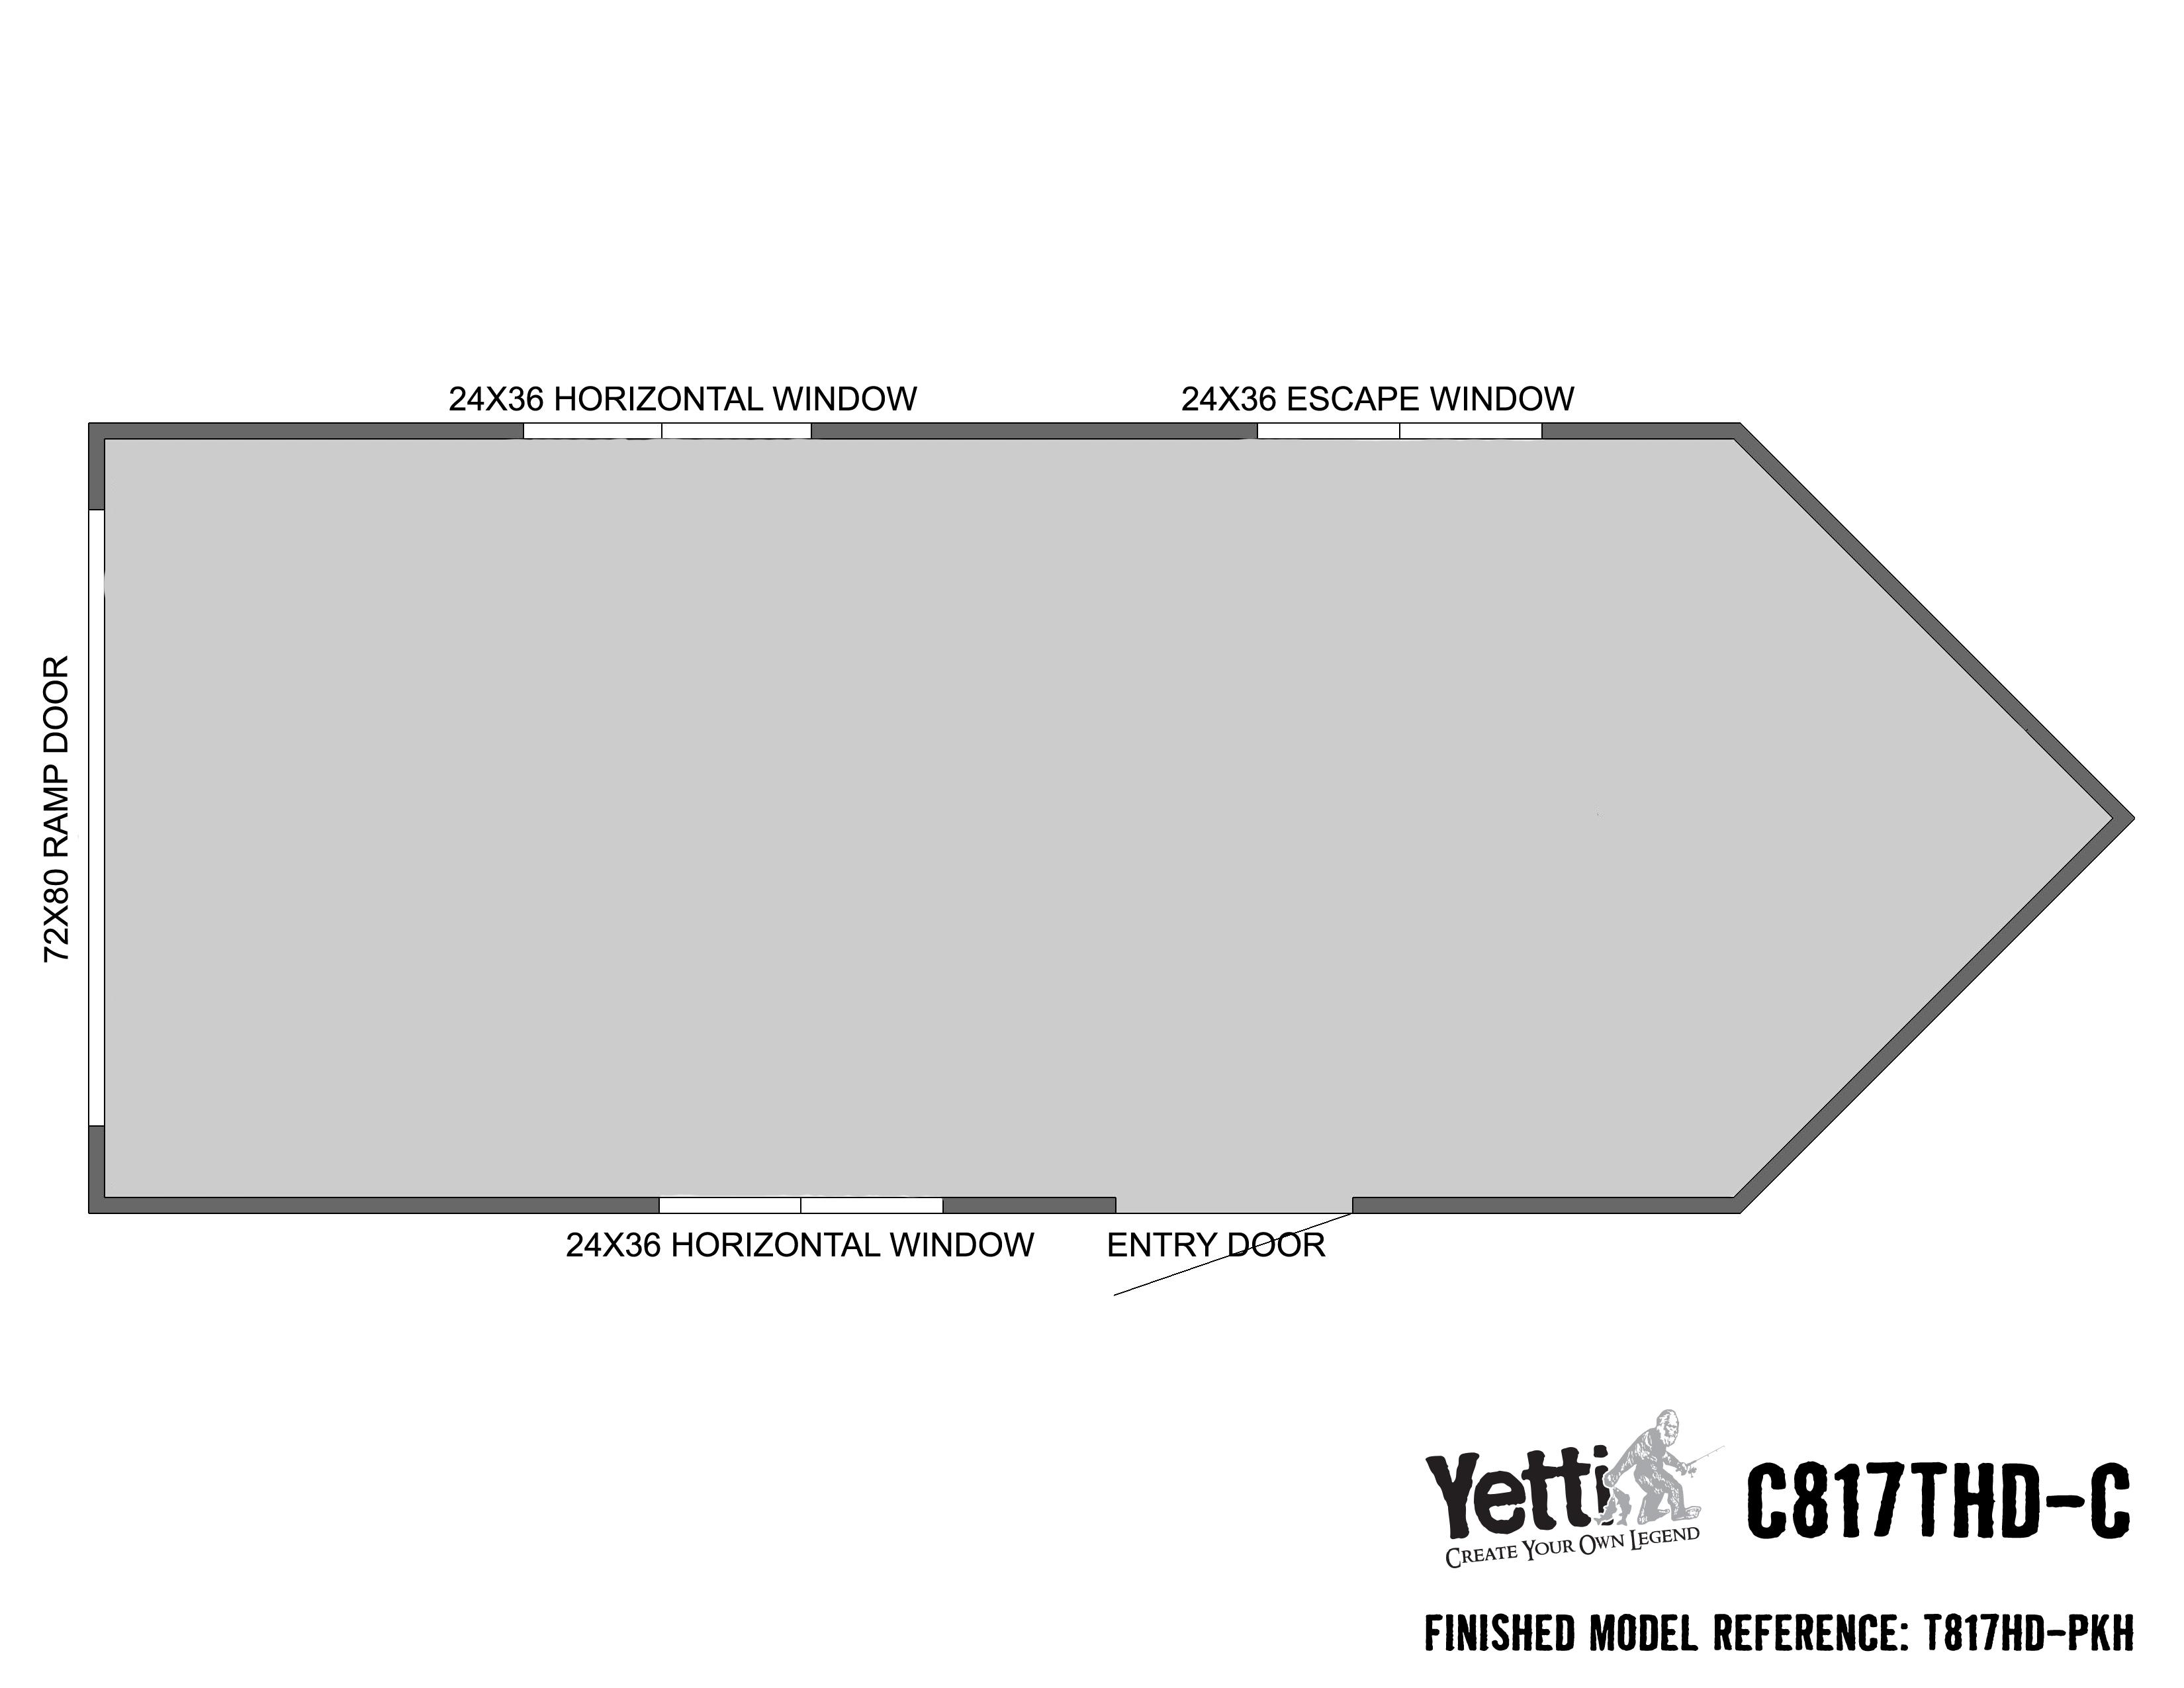 Yetti C817THD-C